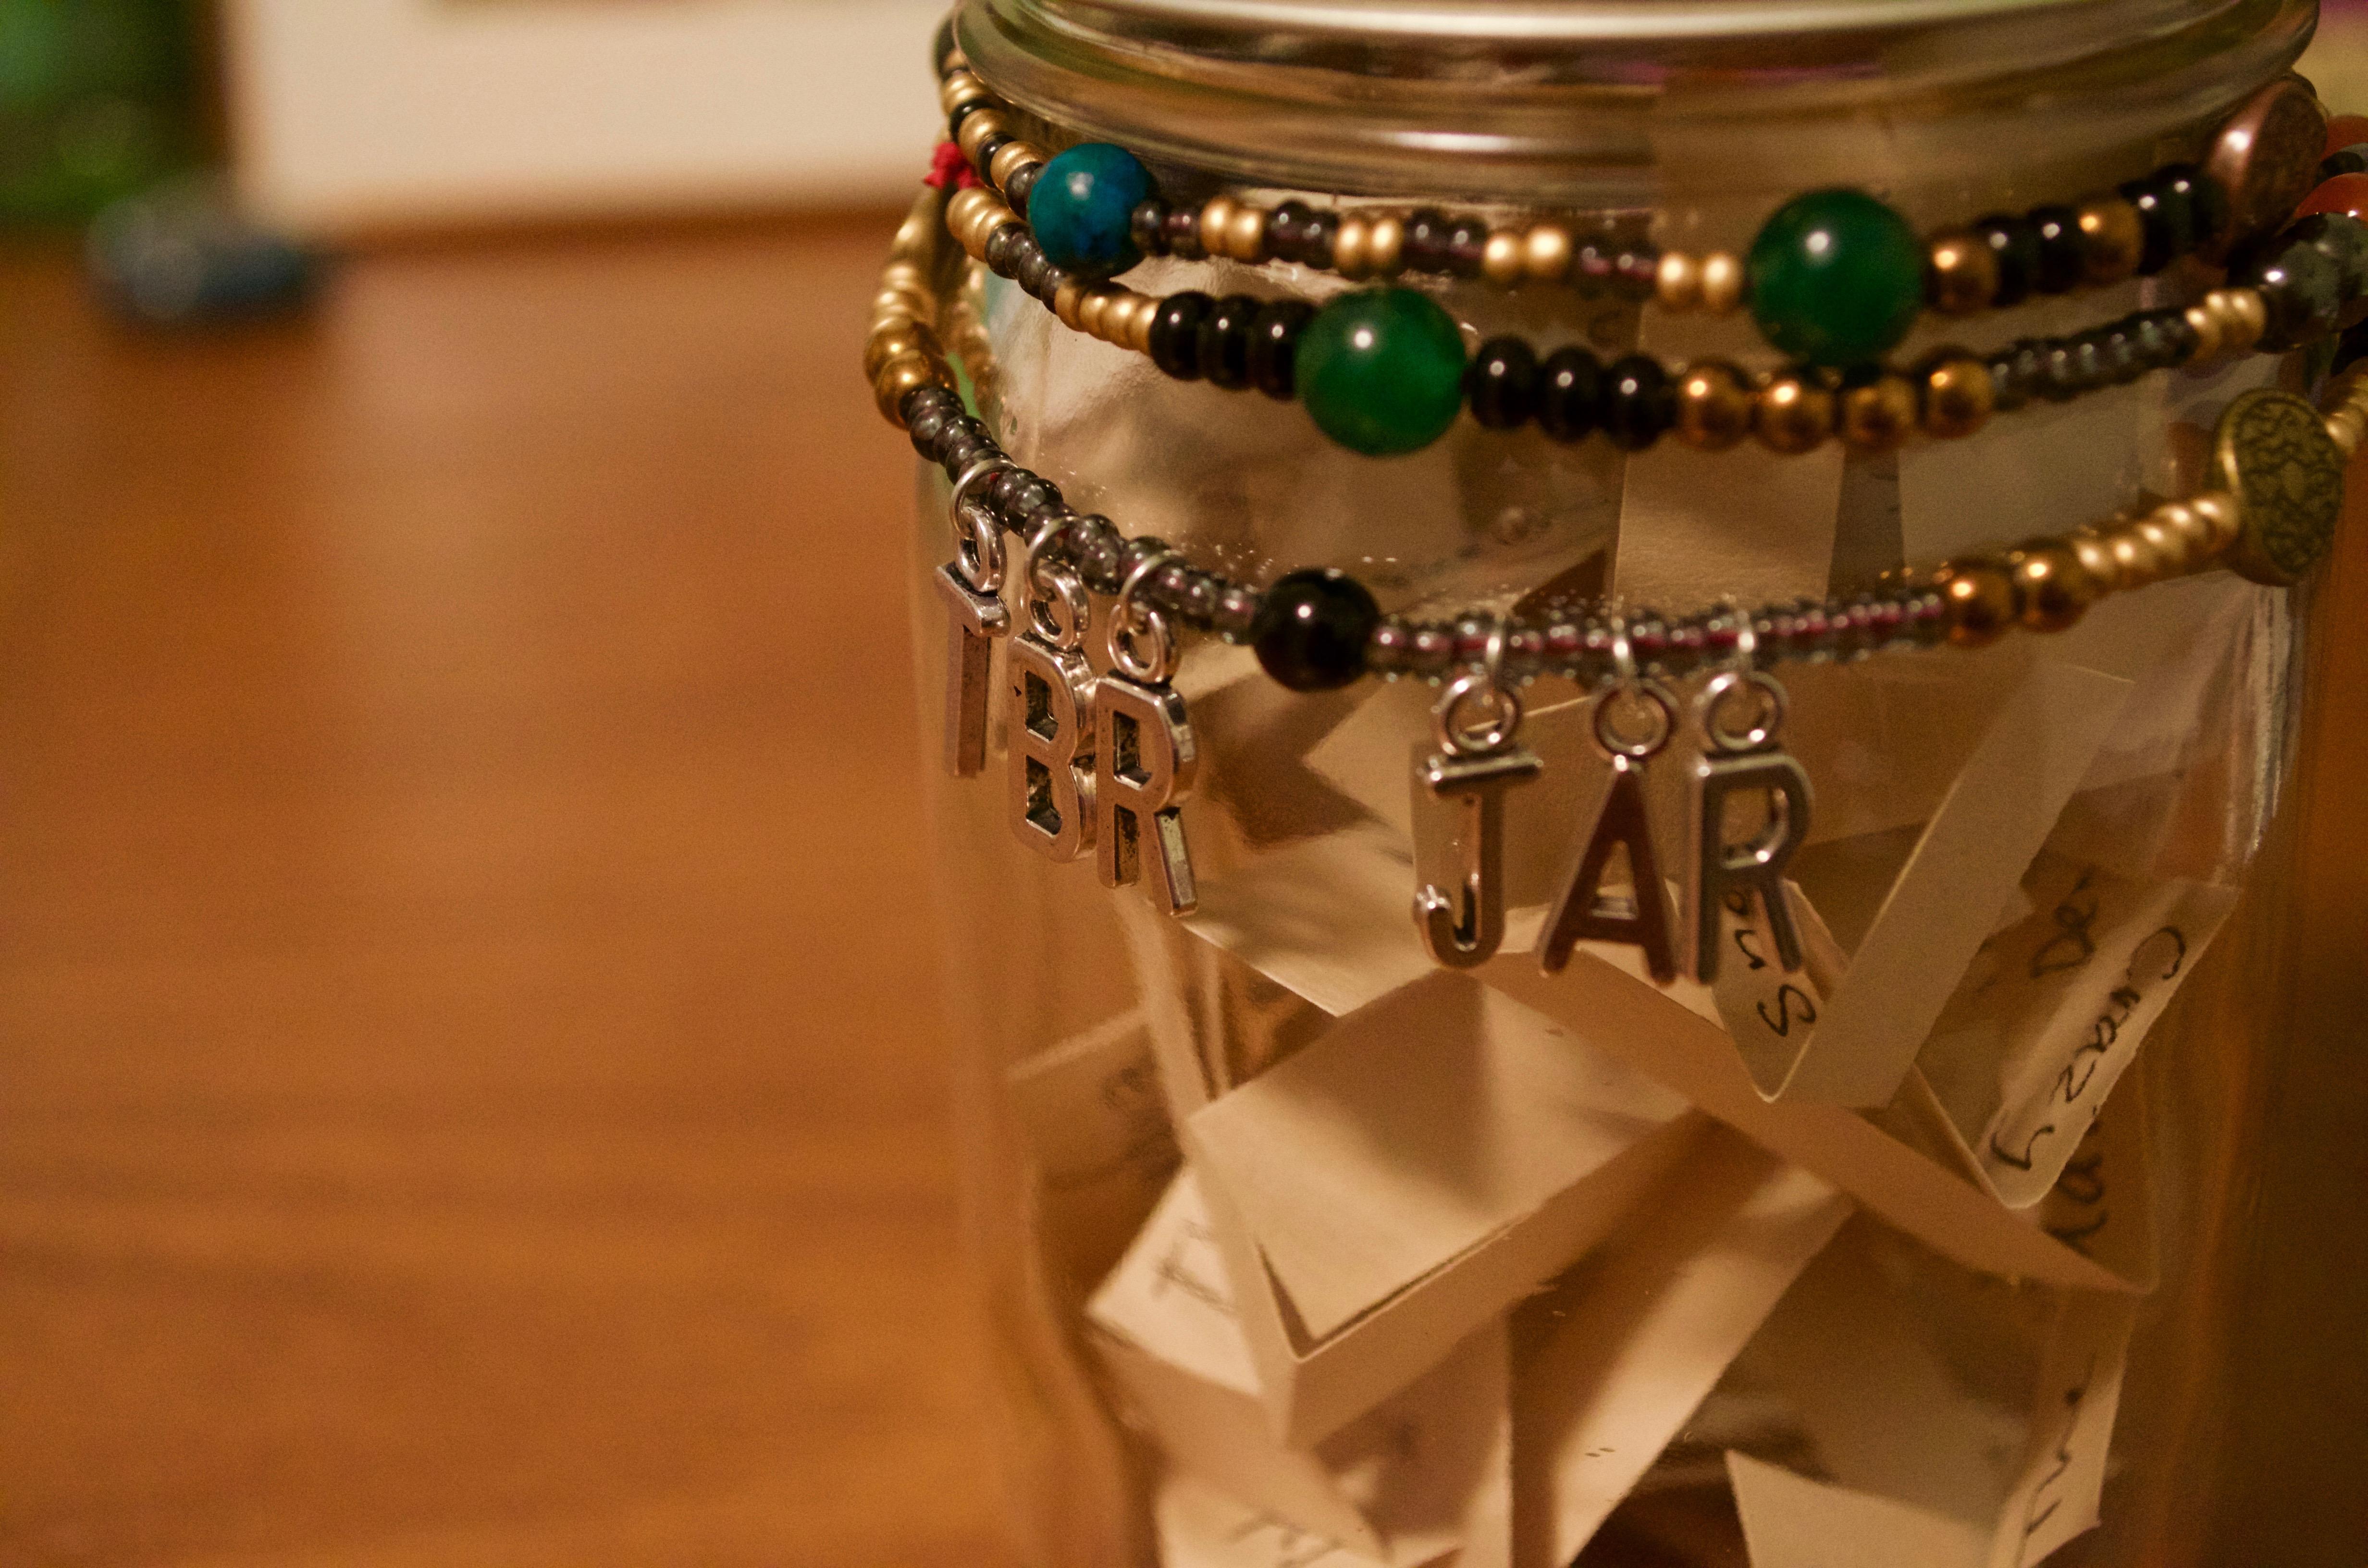 TBR Jar - 4 of 4